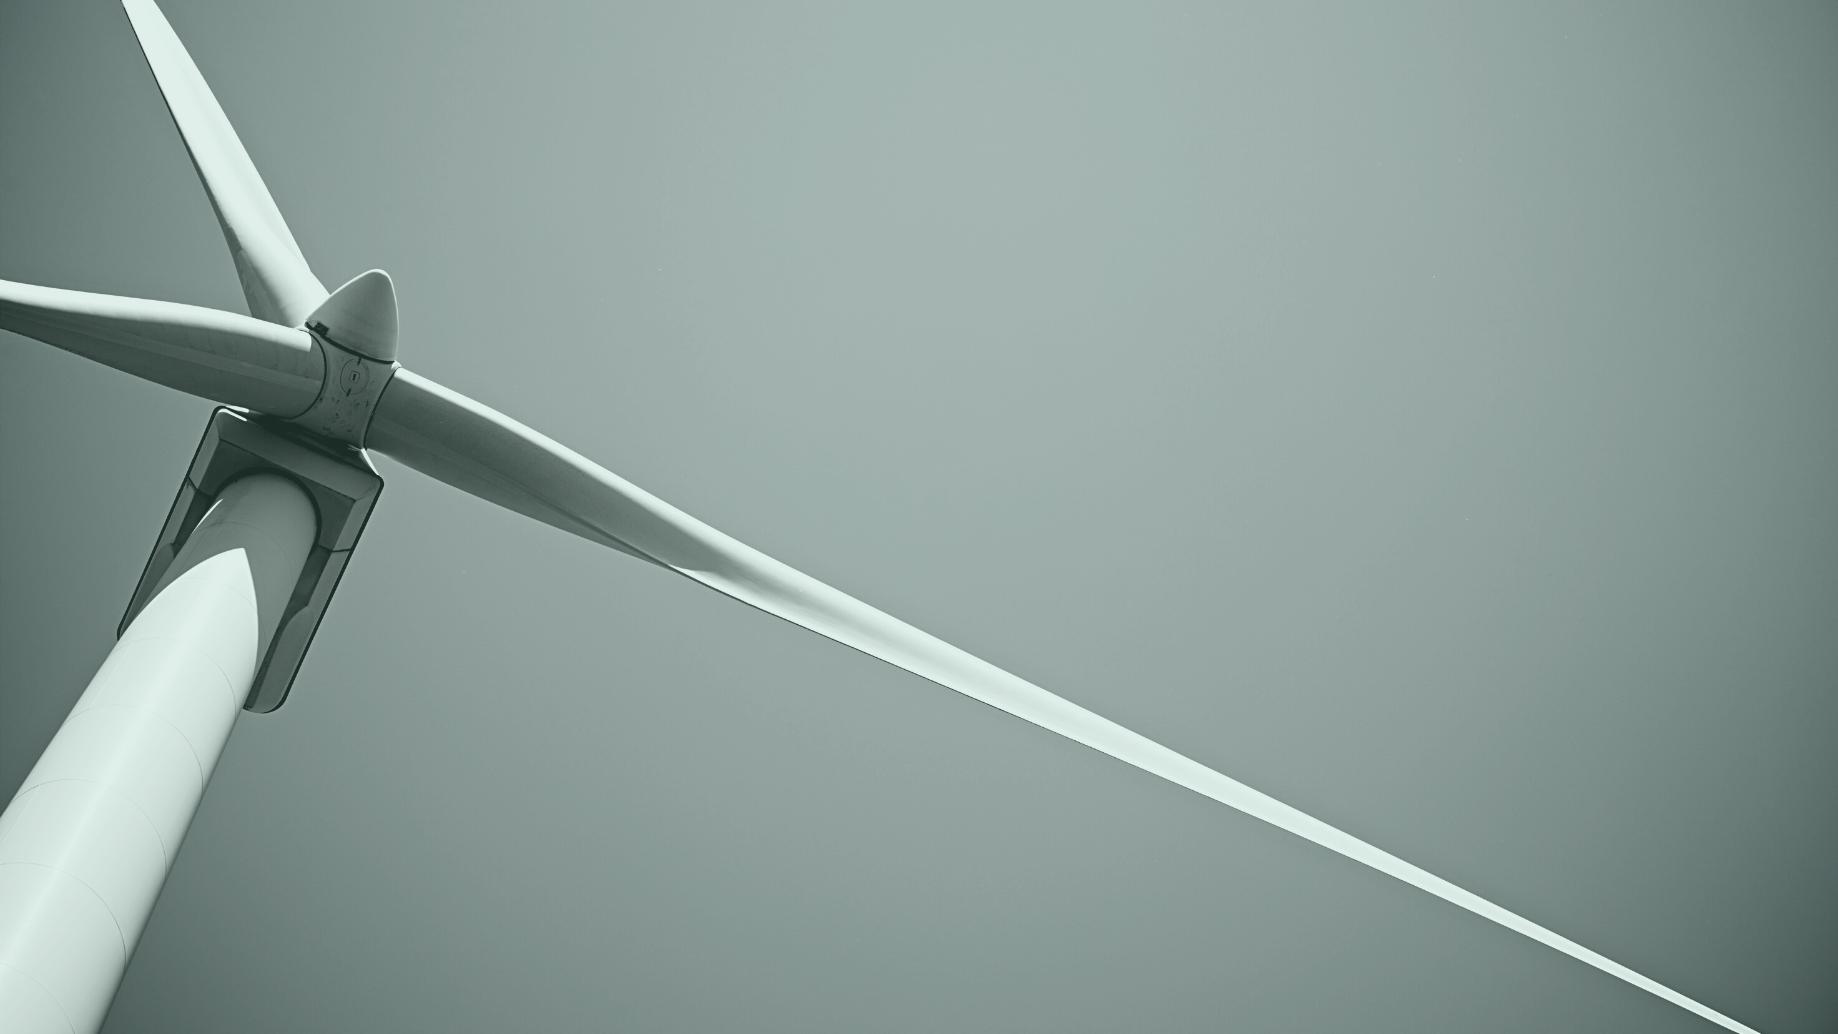 ייצוג הפניקס חברה לביטוח ומנורה מבטחים בעסקת השקעה בהיקף של כ-50 מיליון דולר